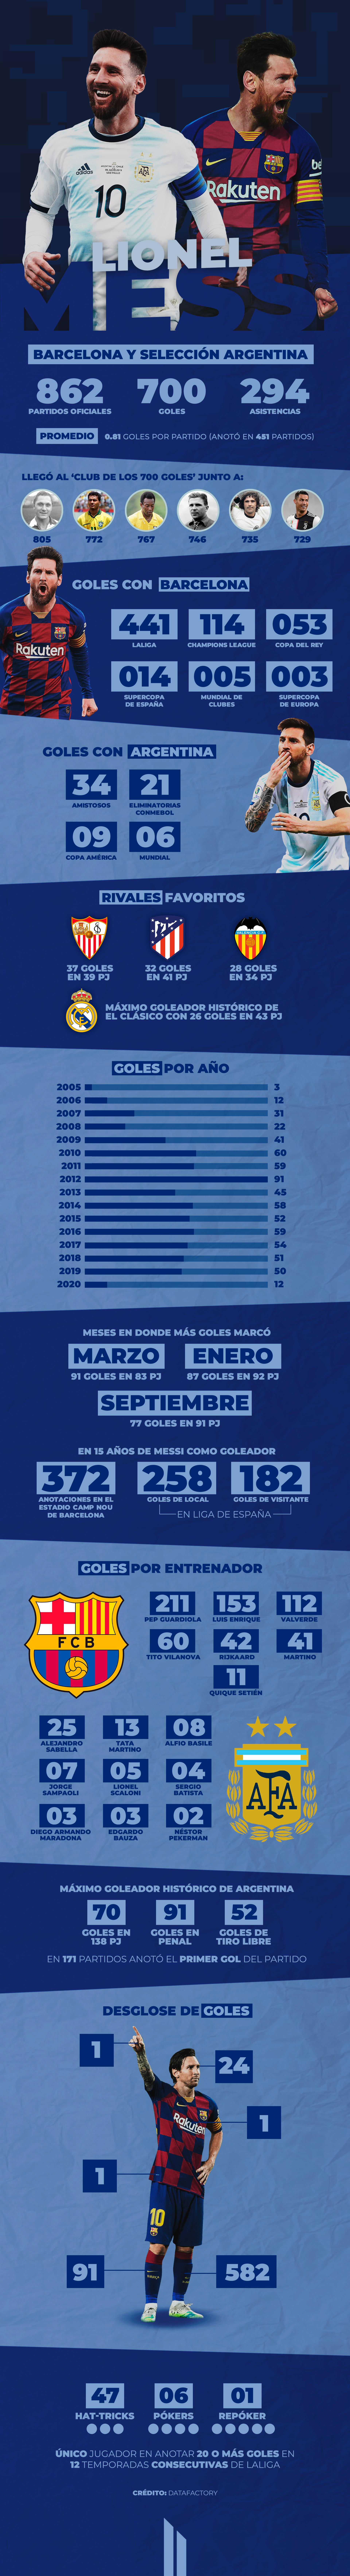 info-corregida.png